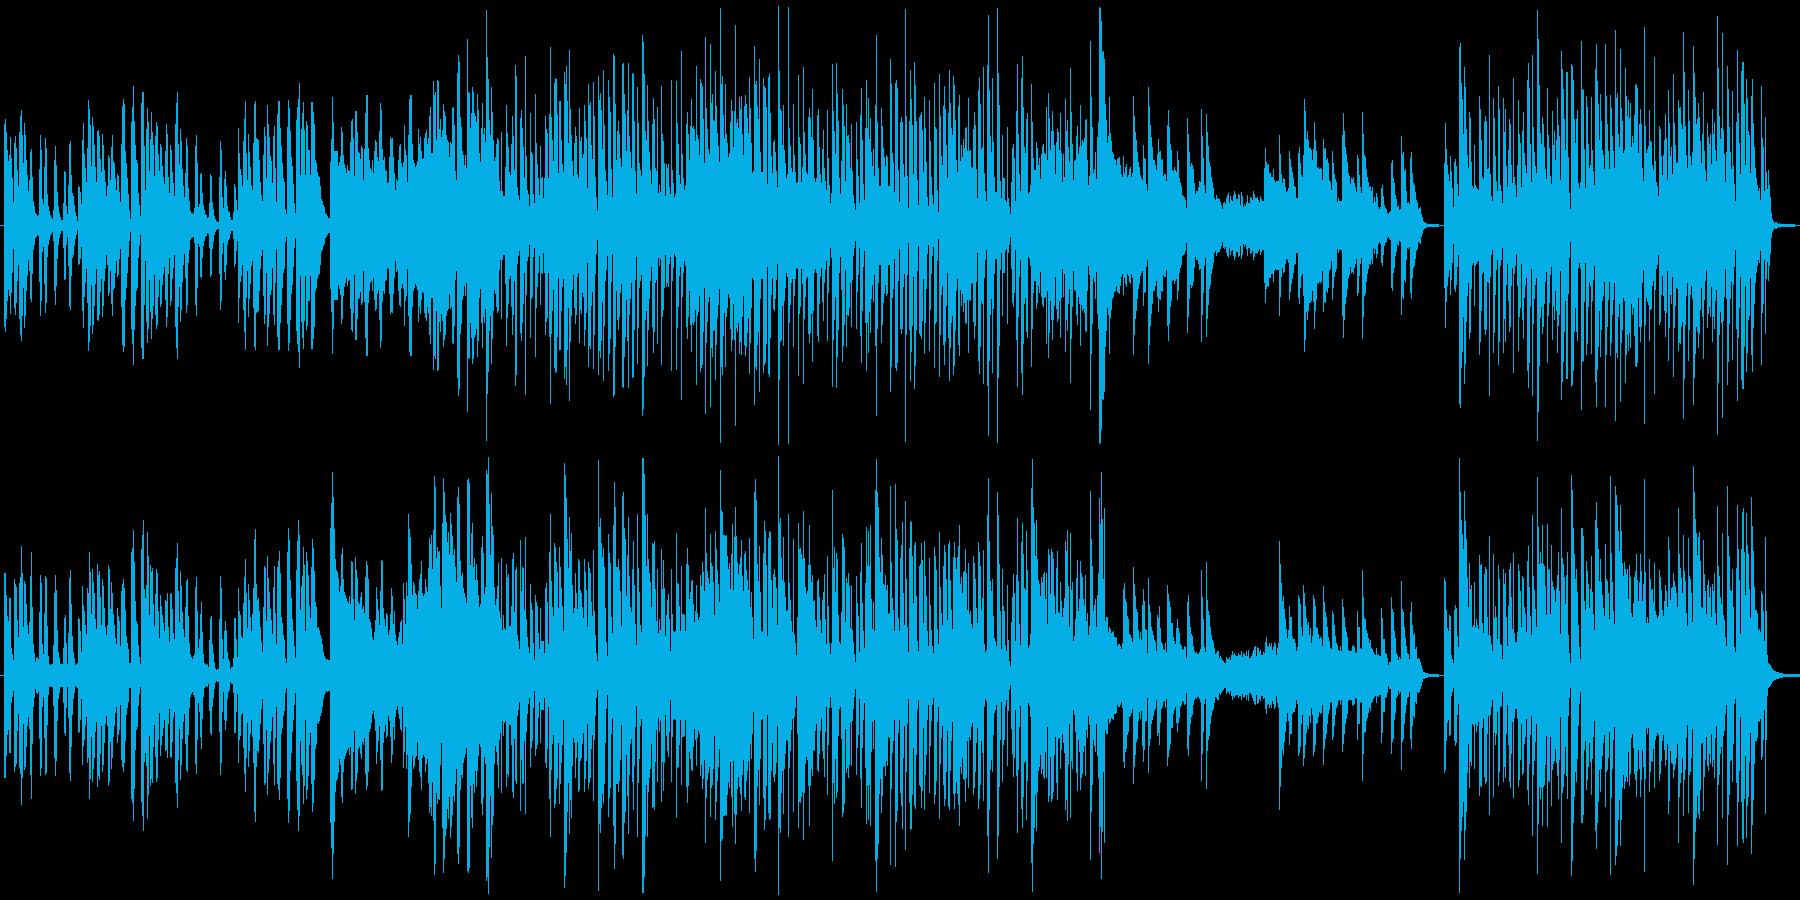 アコギとピアノによる夏を感じさせる曲の再生済みの波形